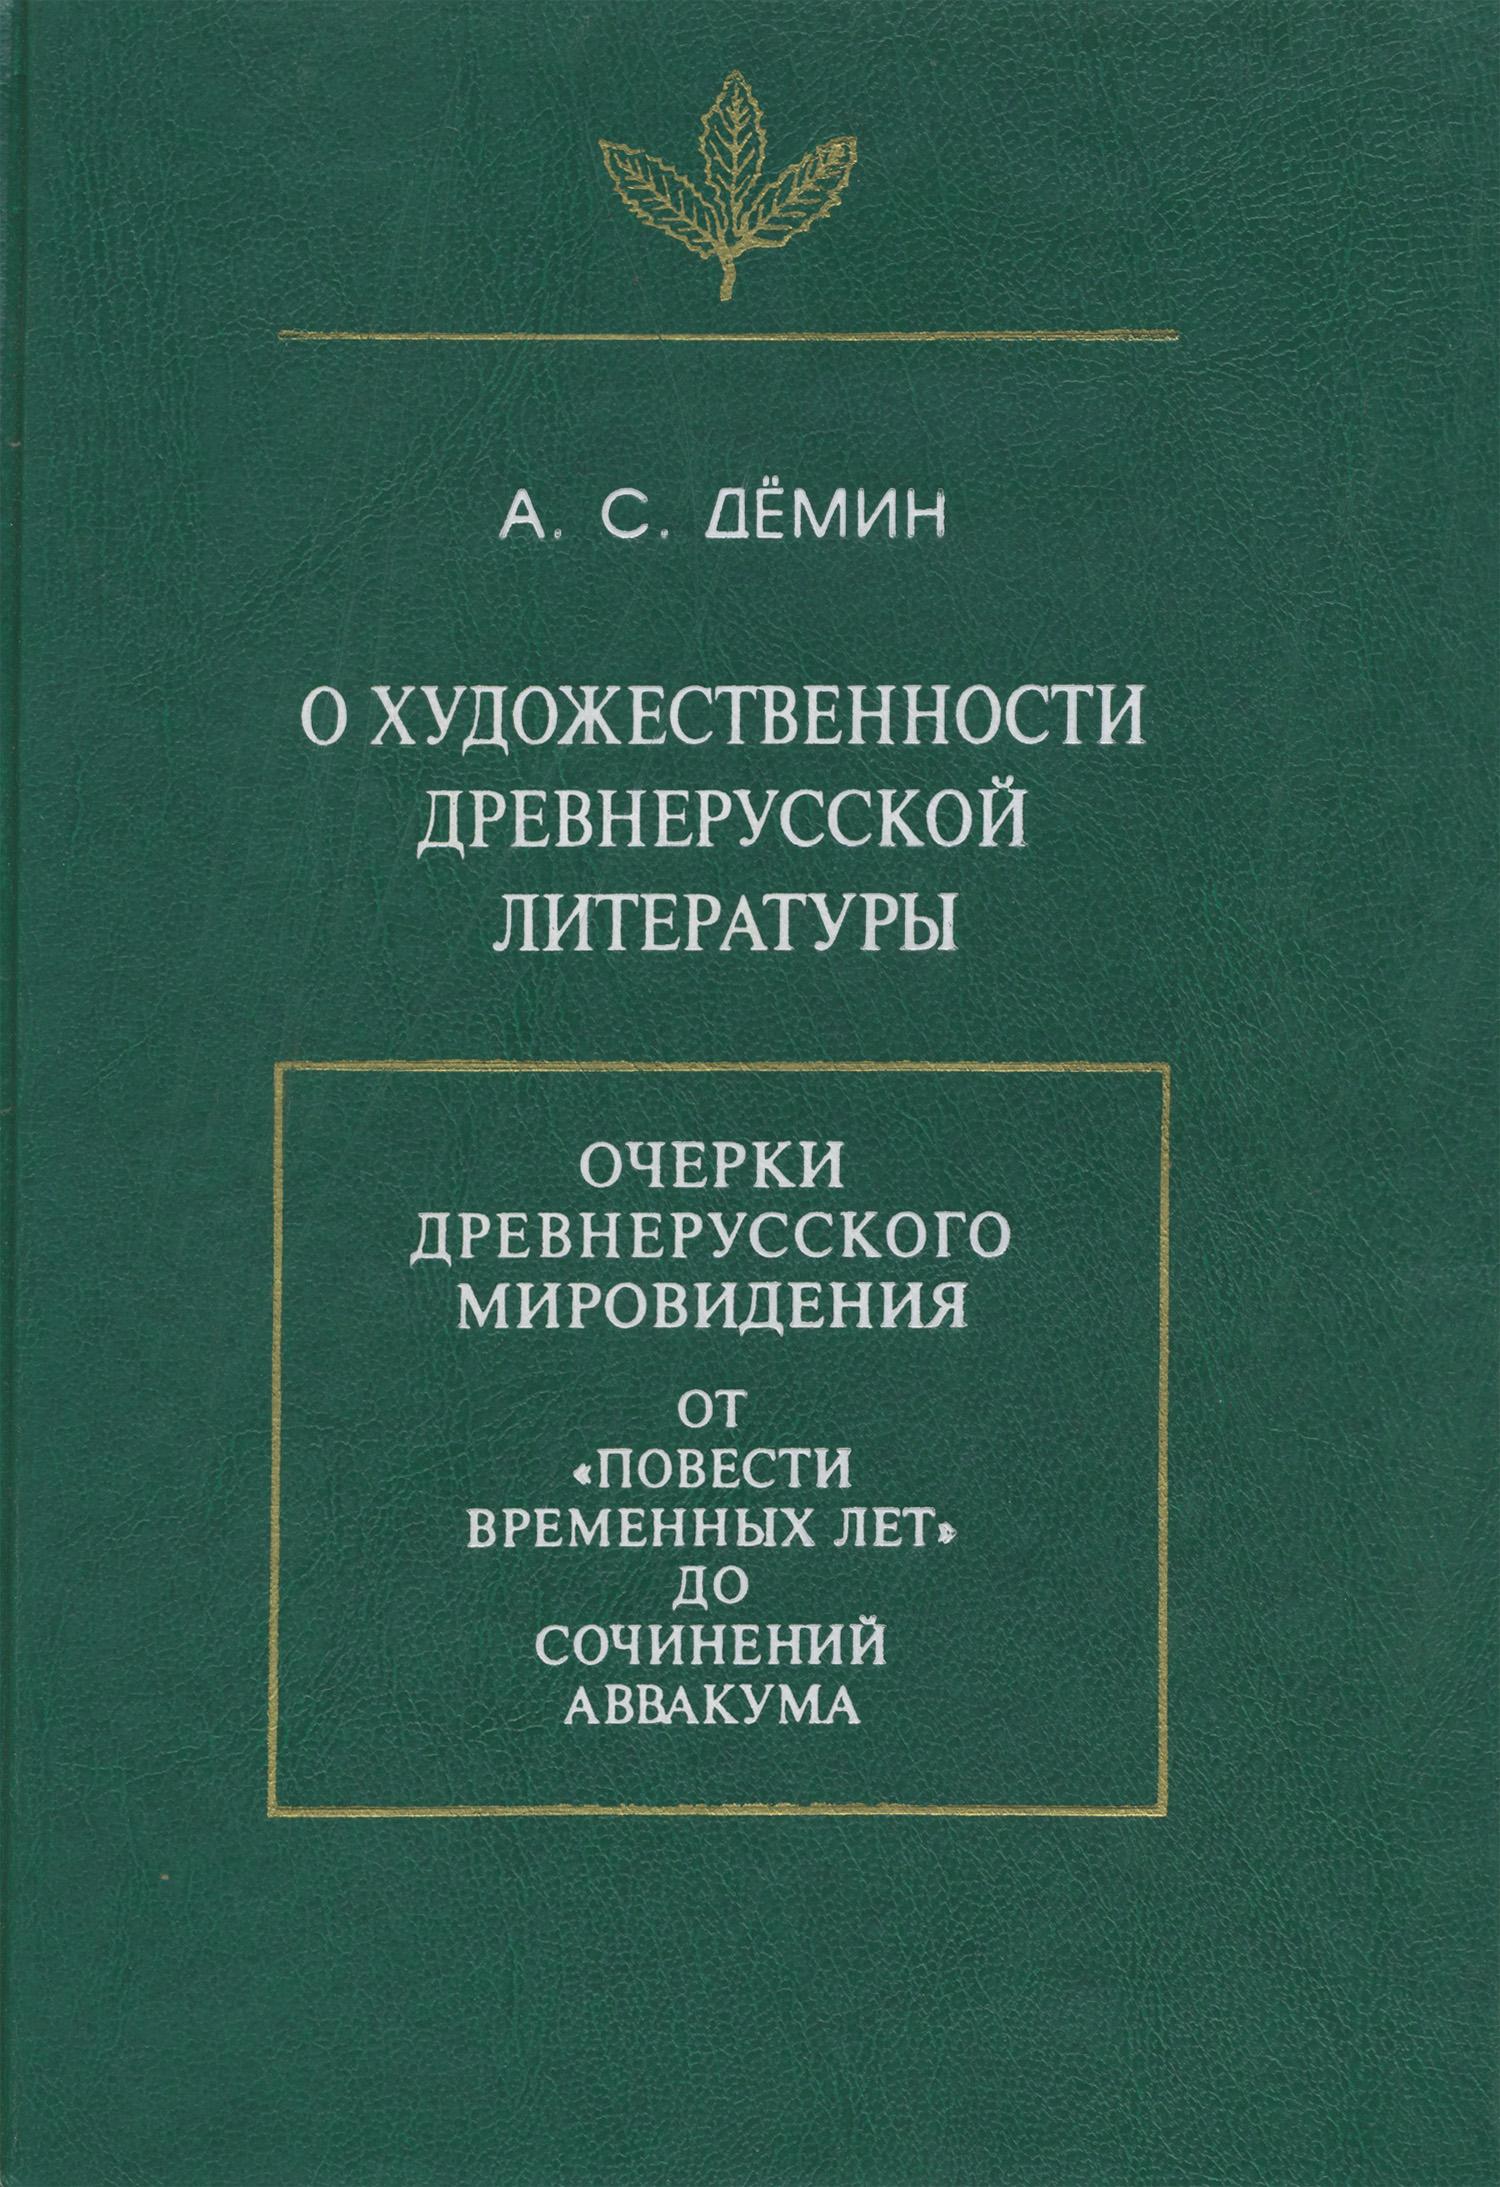 А. С. Демин / О художественности древнерусской литературы